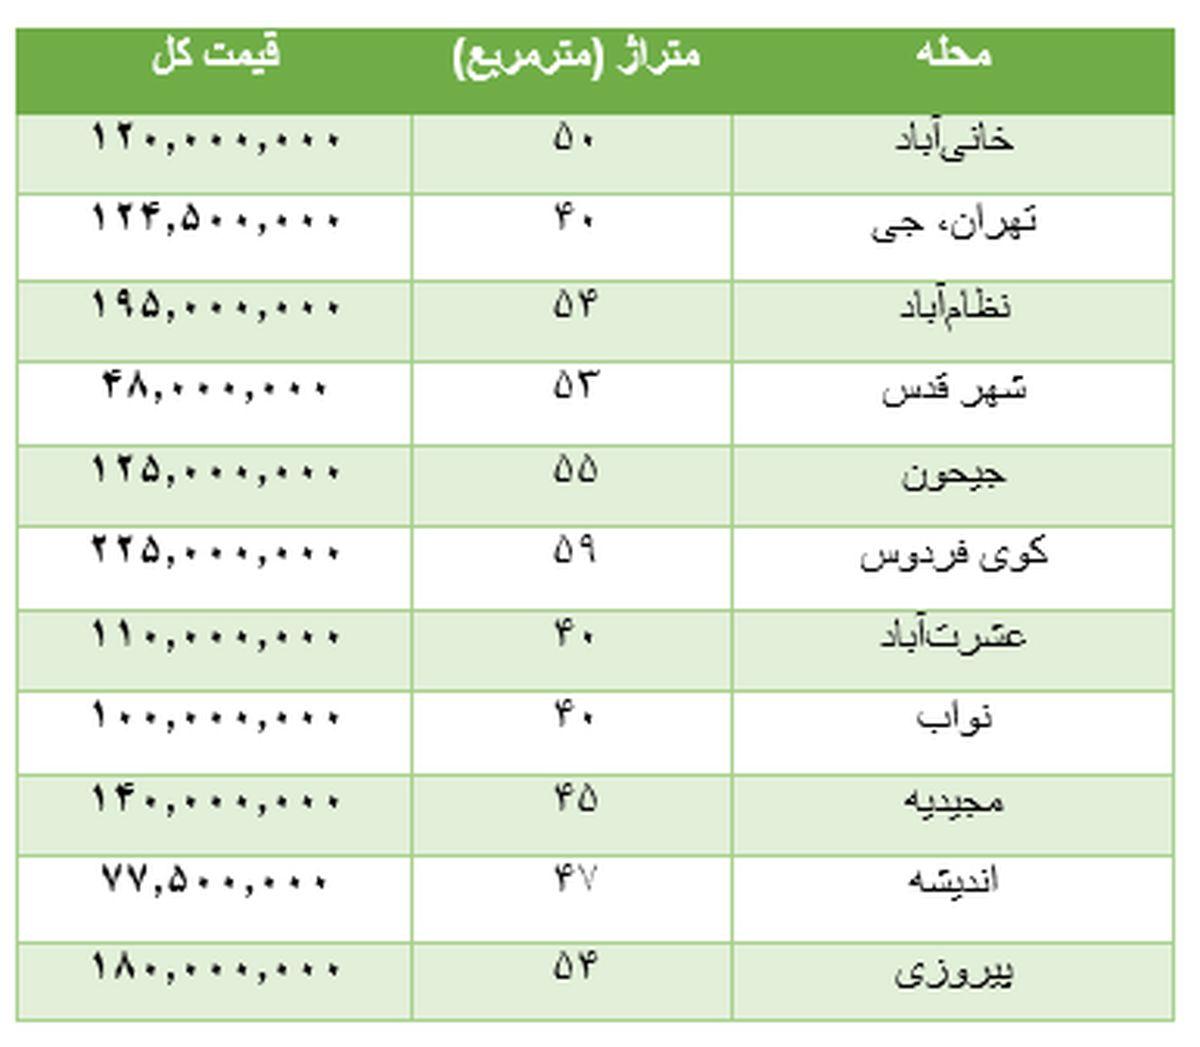 قیمت خانه با متراژ کوچک در تهران +جدول